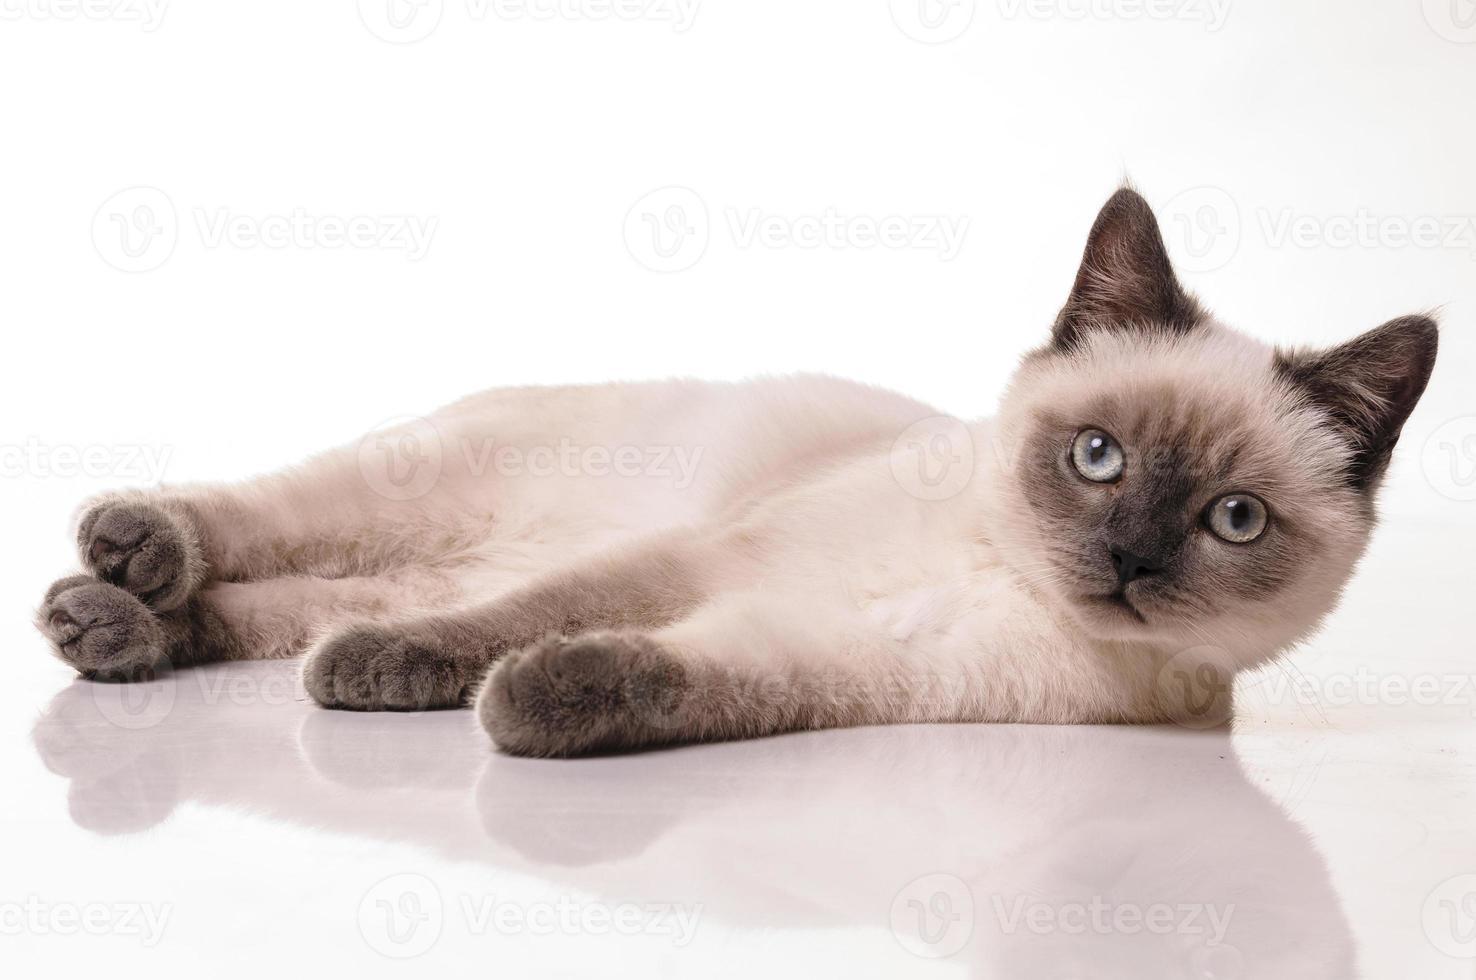 Ritratto di gatto britannico a pelo corto foto